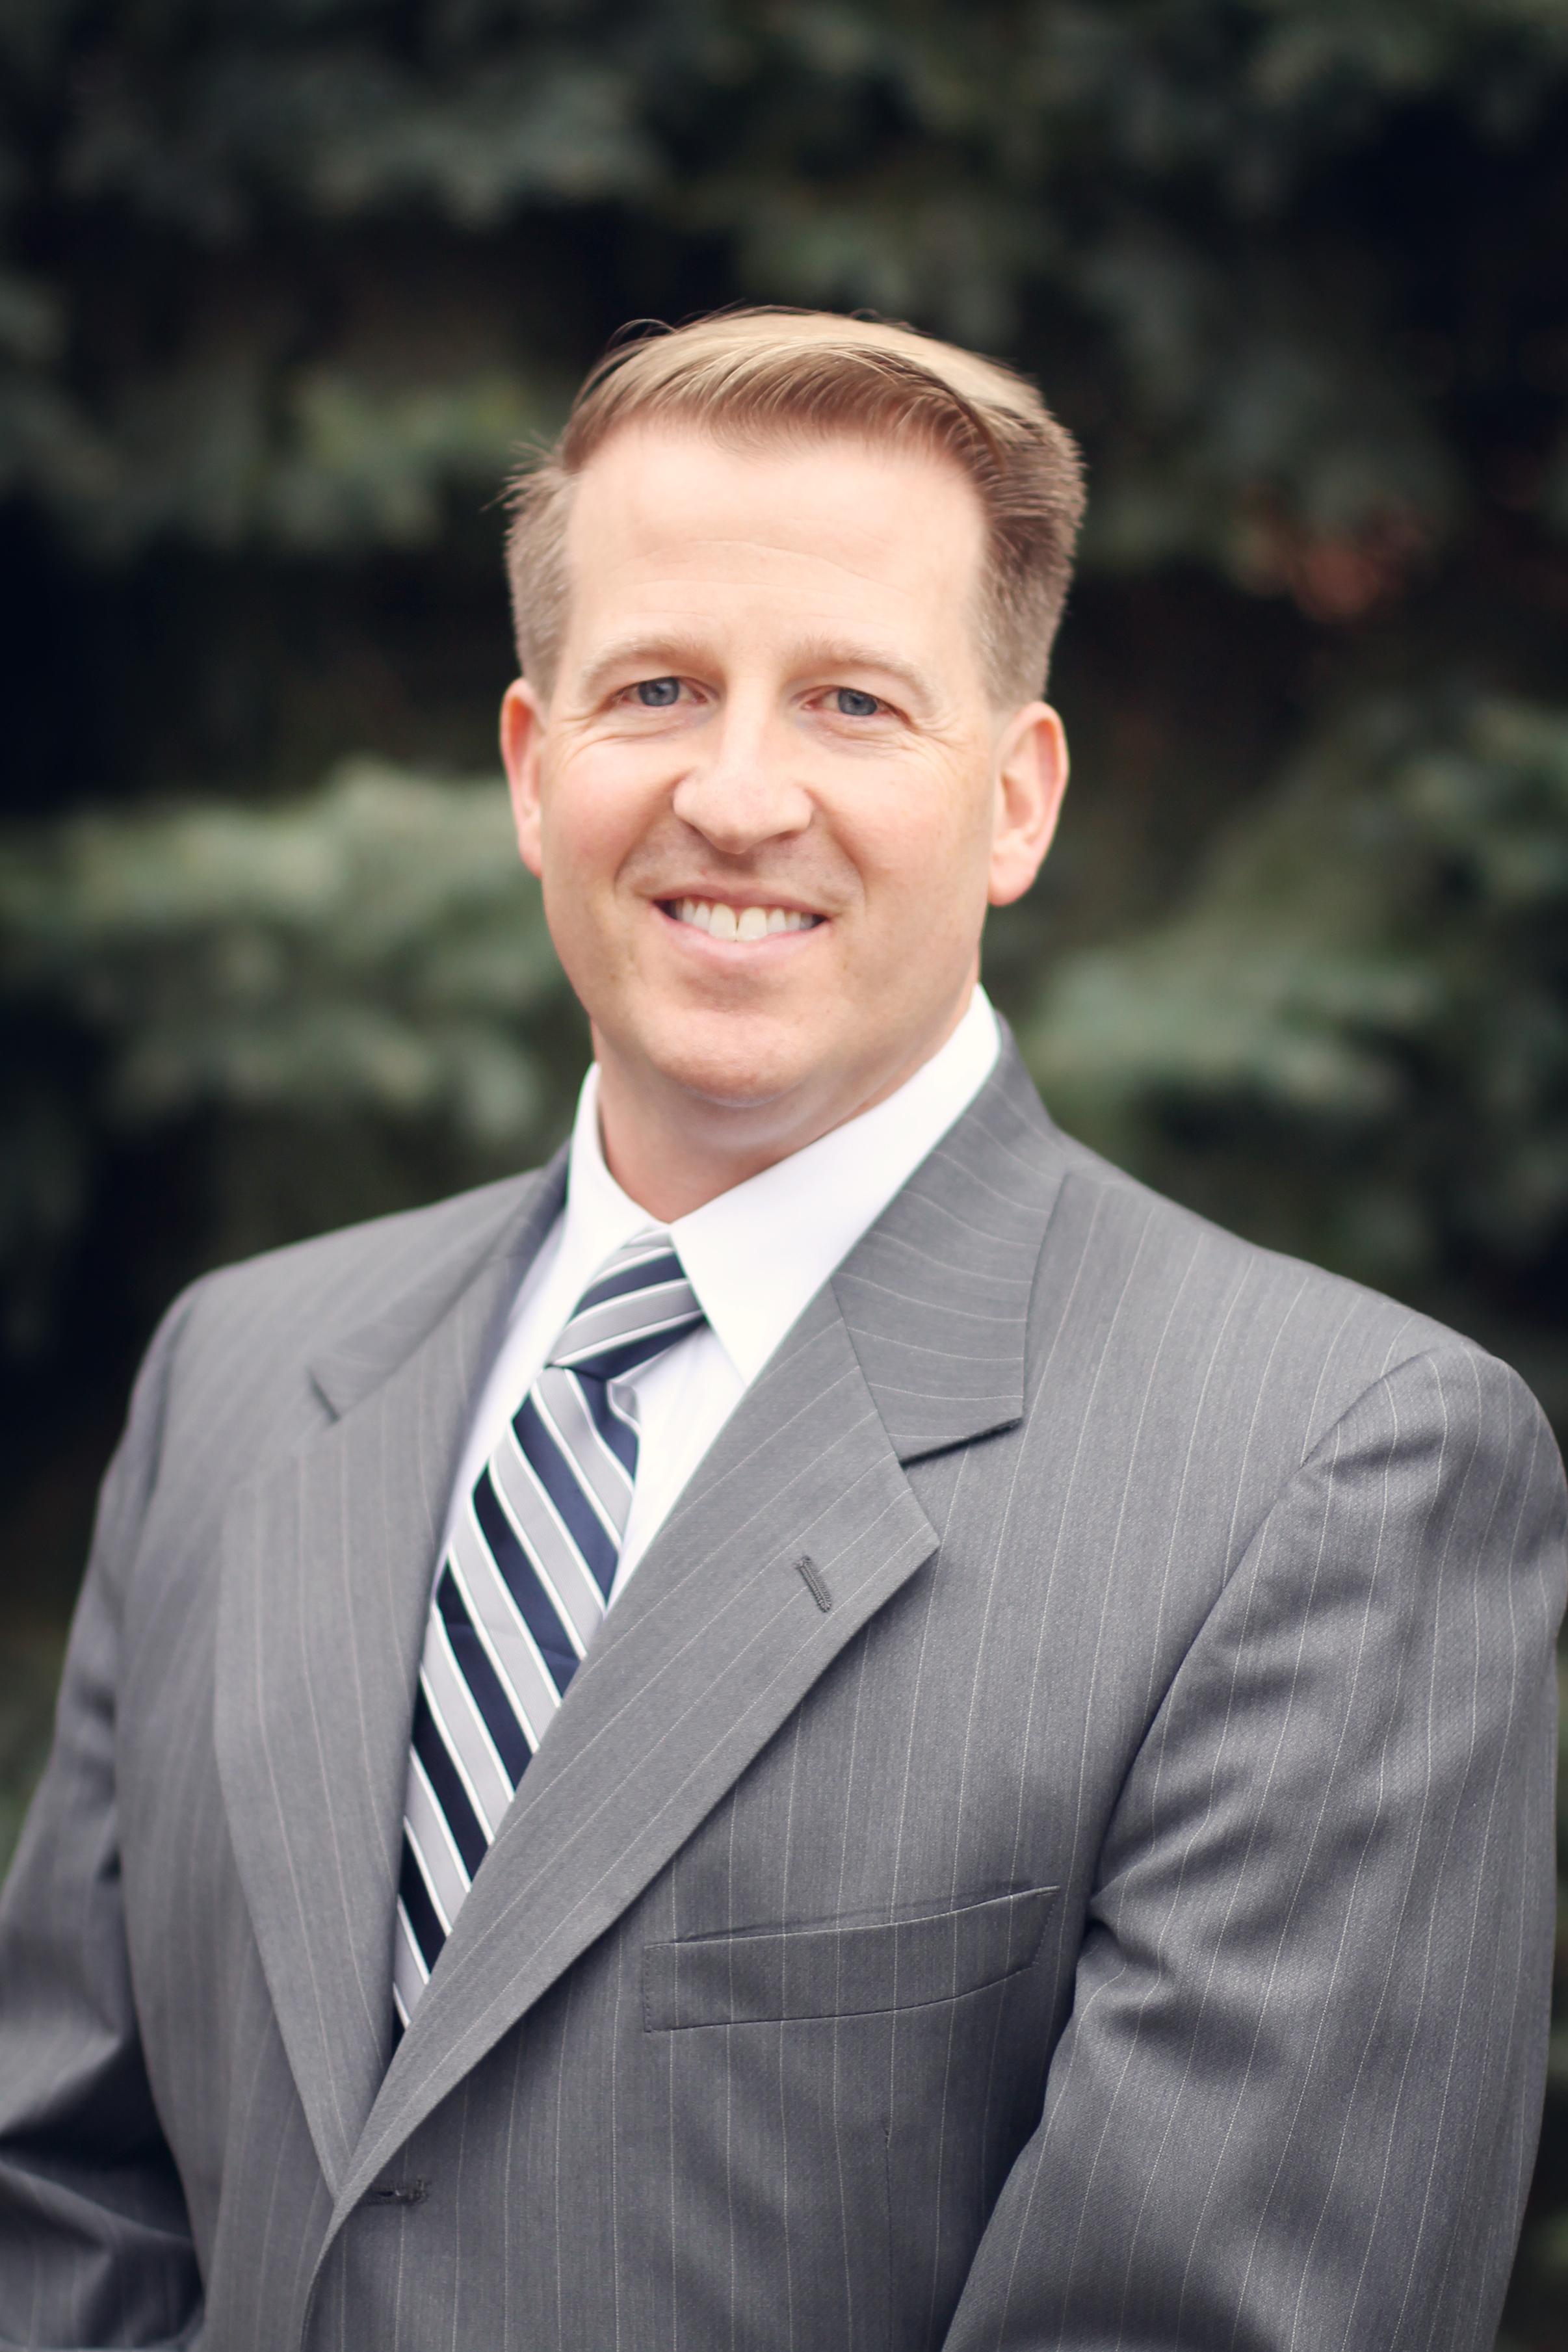 PAUL BENNETT - Sr. Financial Planner